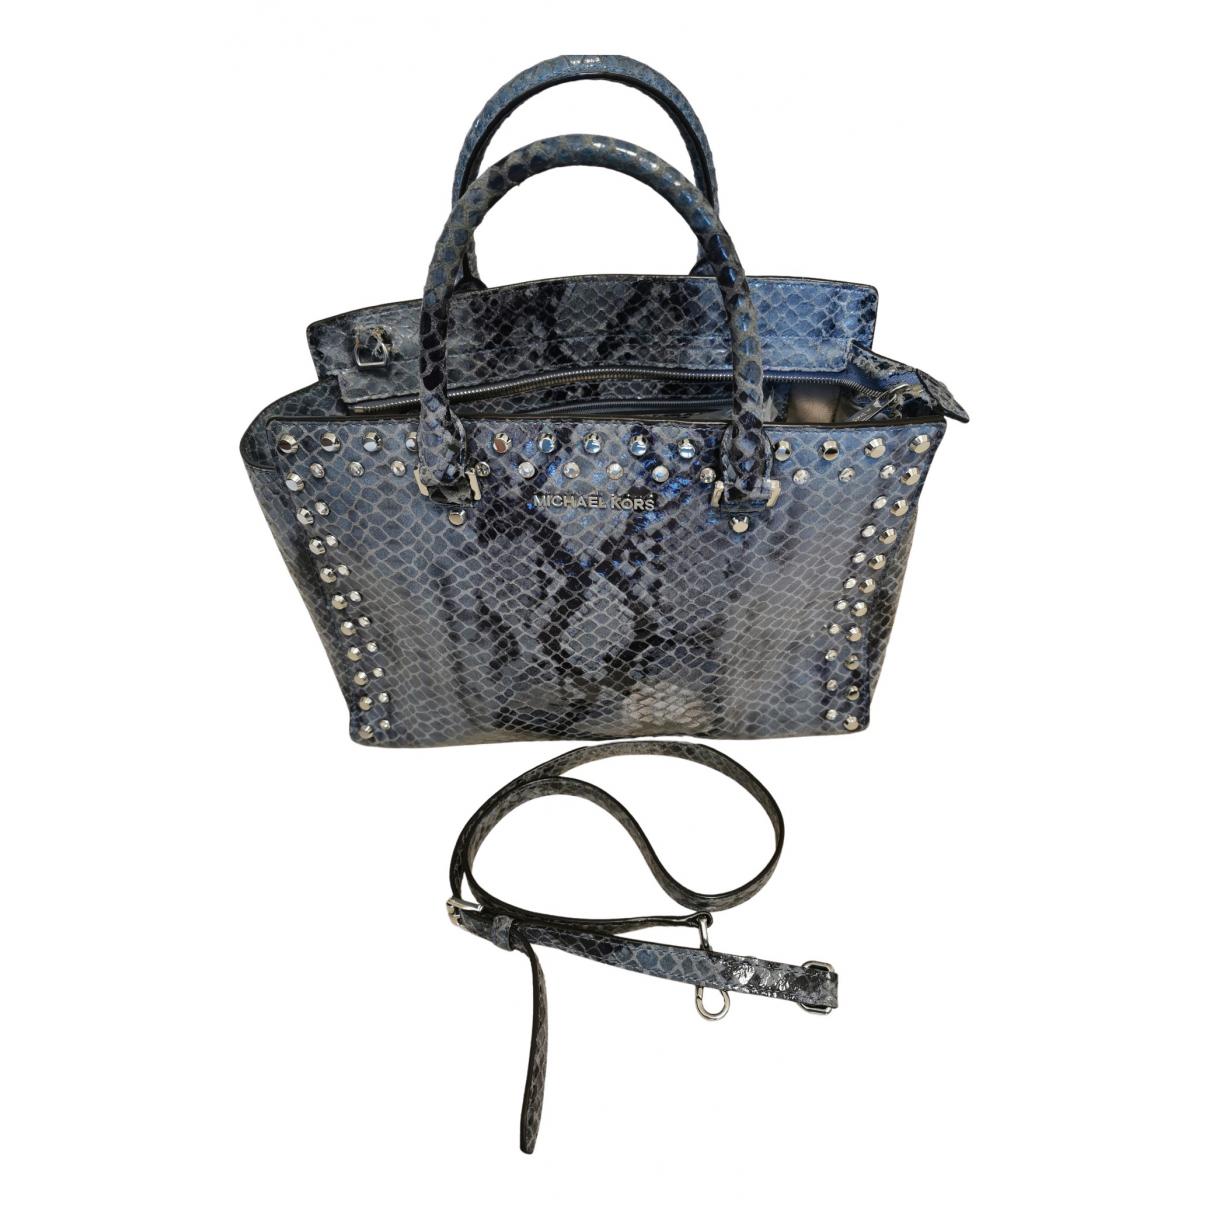 Michael Kors Savannah Handtasche in  Grau Leder